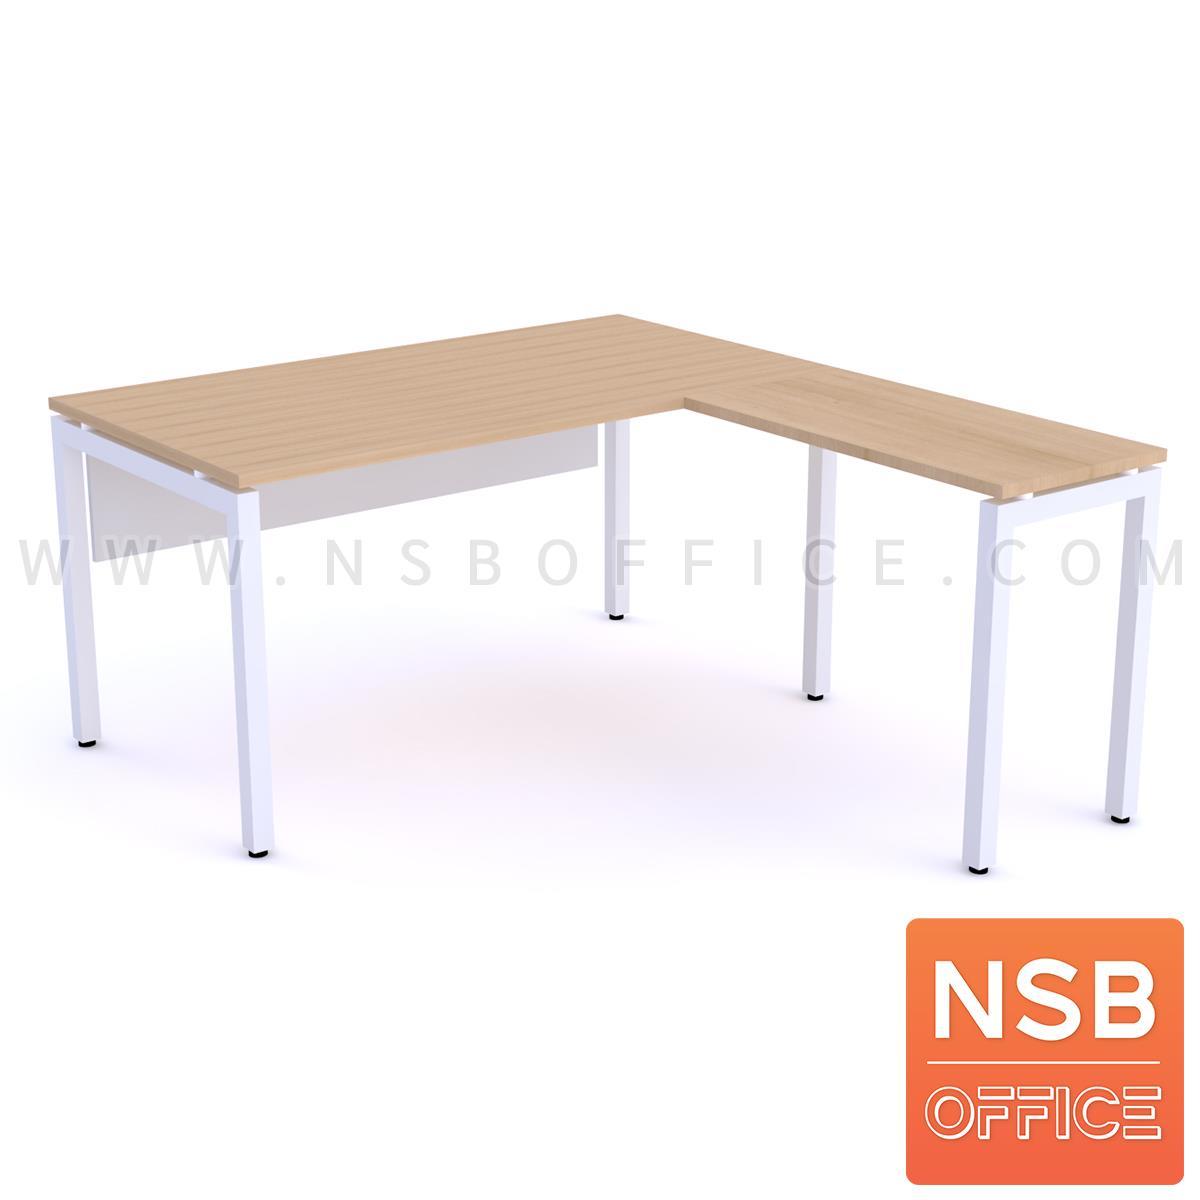 A18A027:โต๊ะทำงานตัวแอล  ขนาด 150W1 ,180W1*170W2 cm.  ขาเหล็กตรง